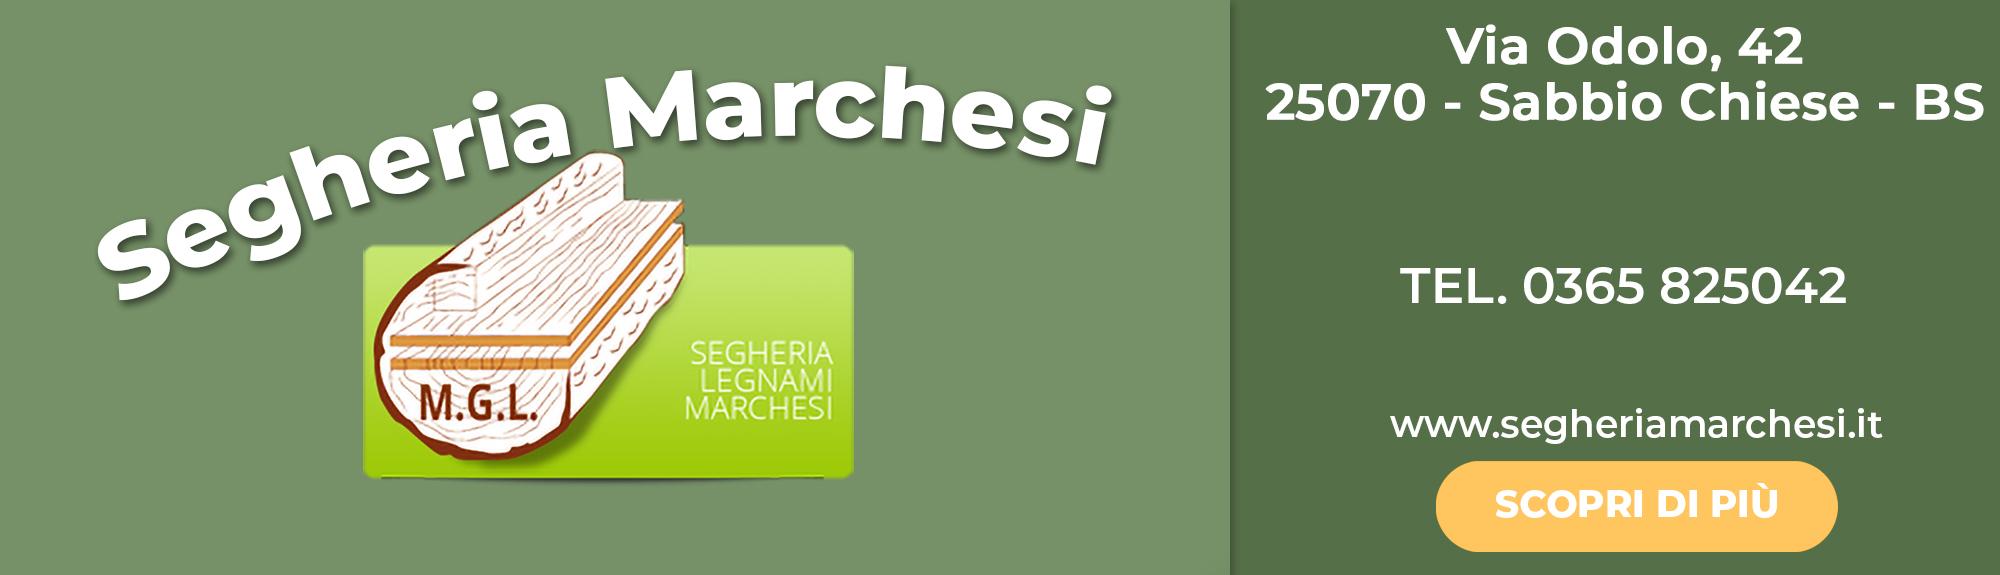 SEGHERIA MARCHESI